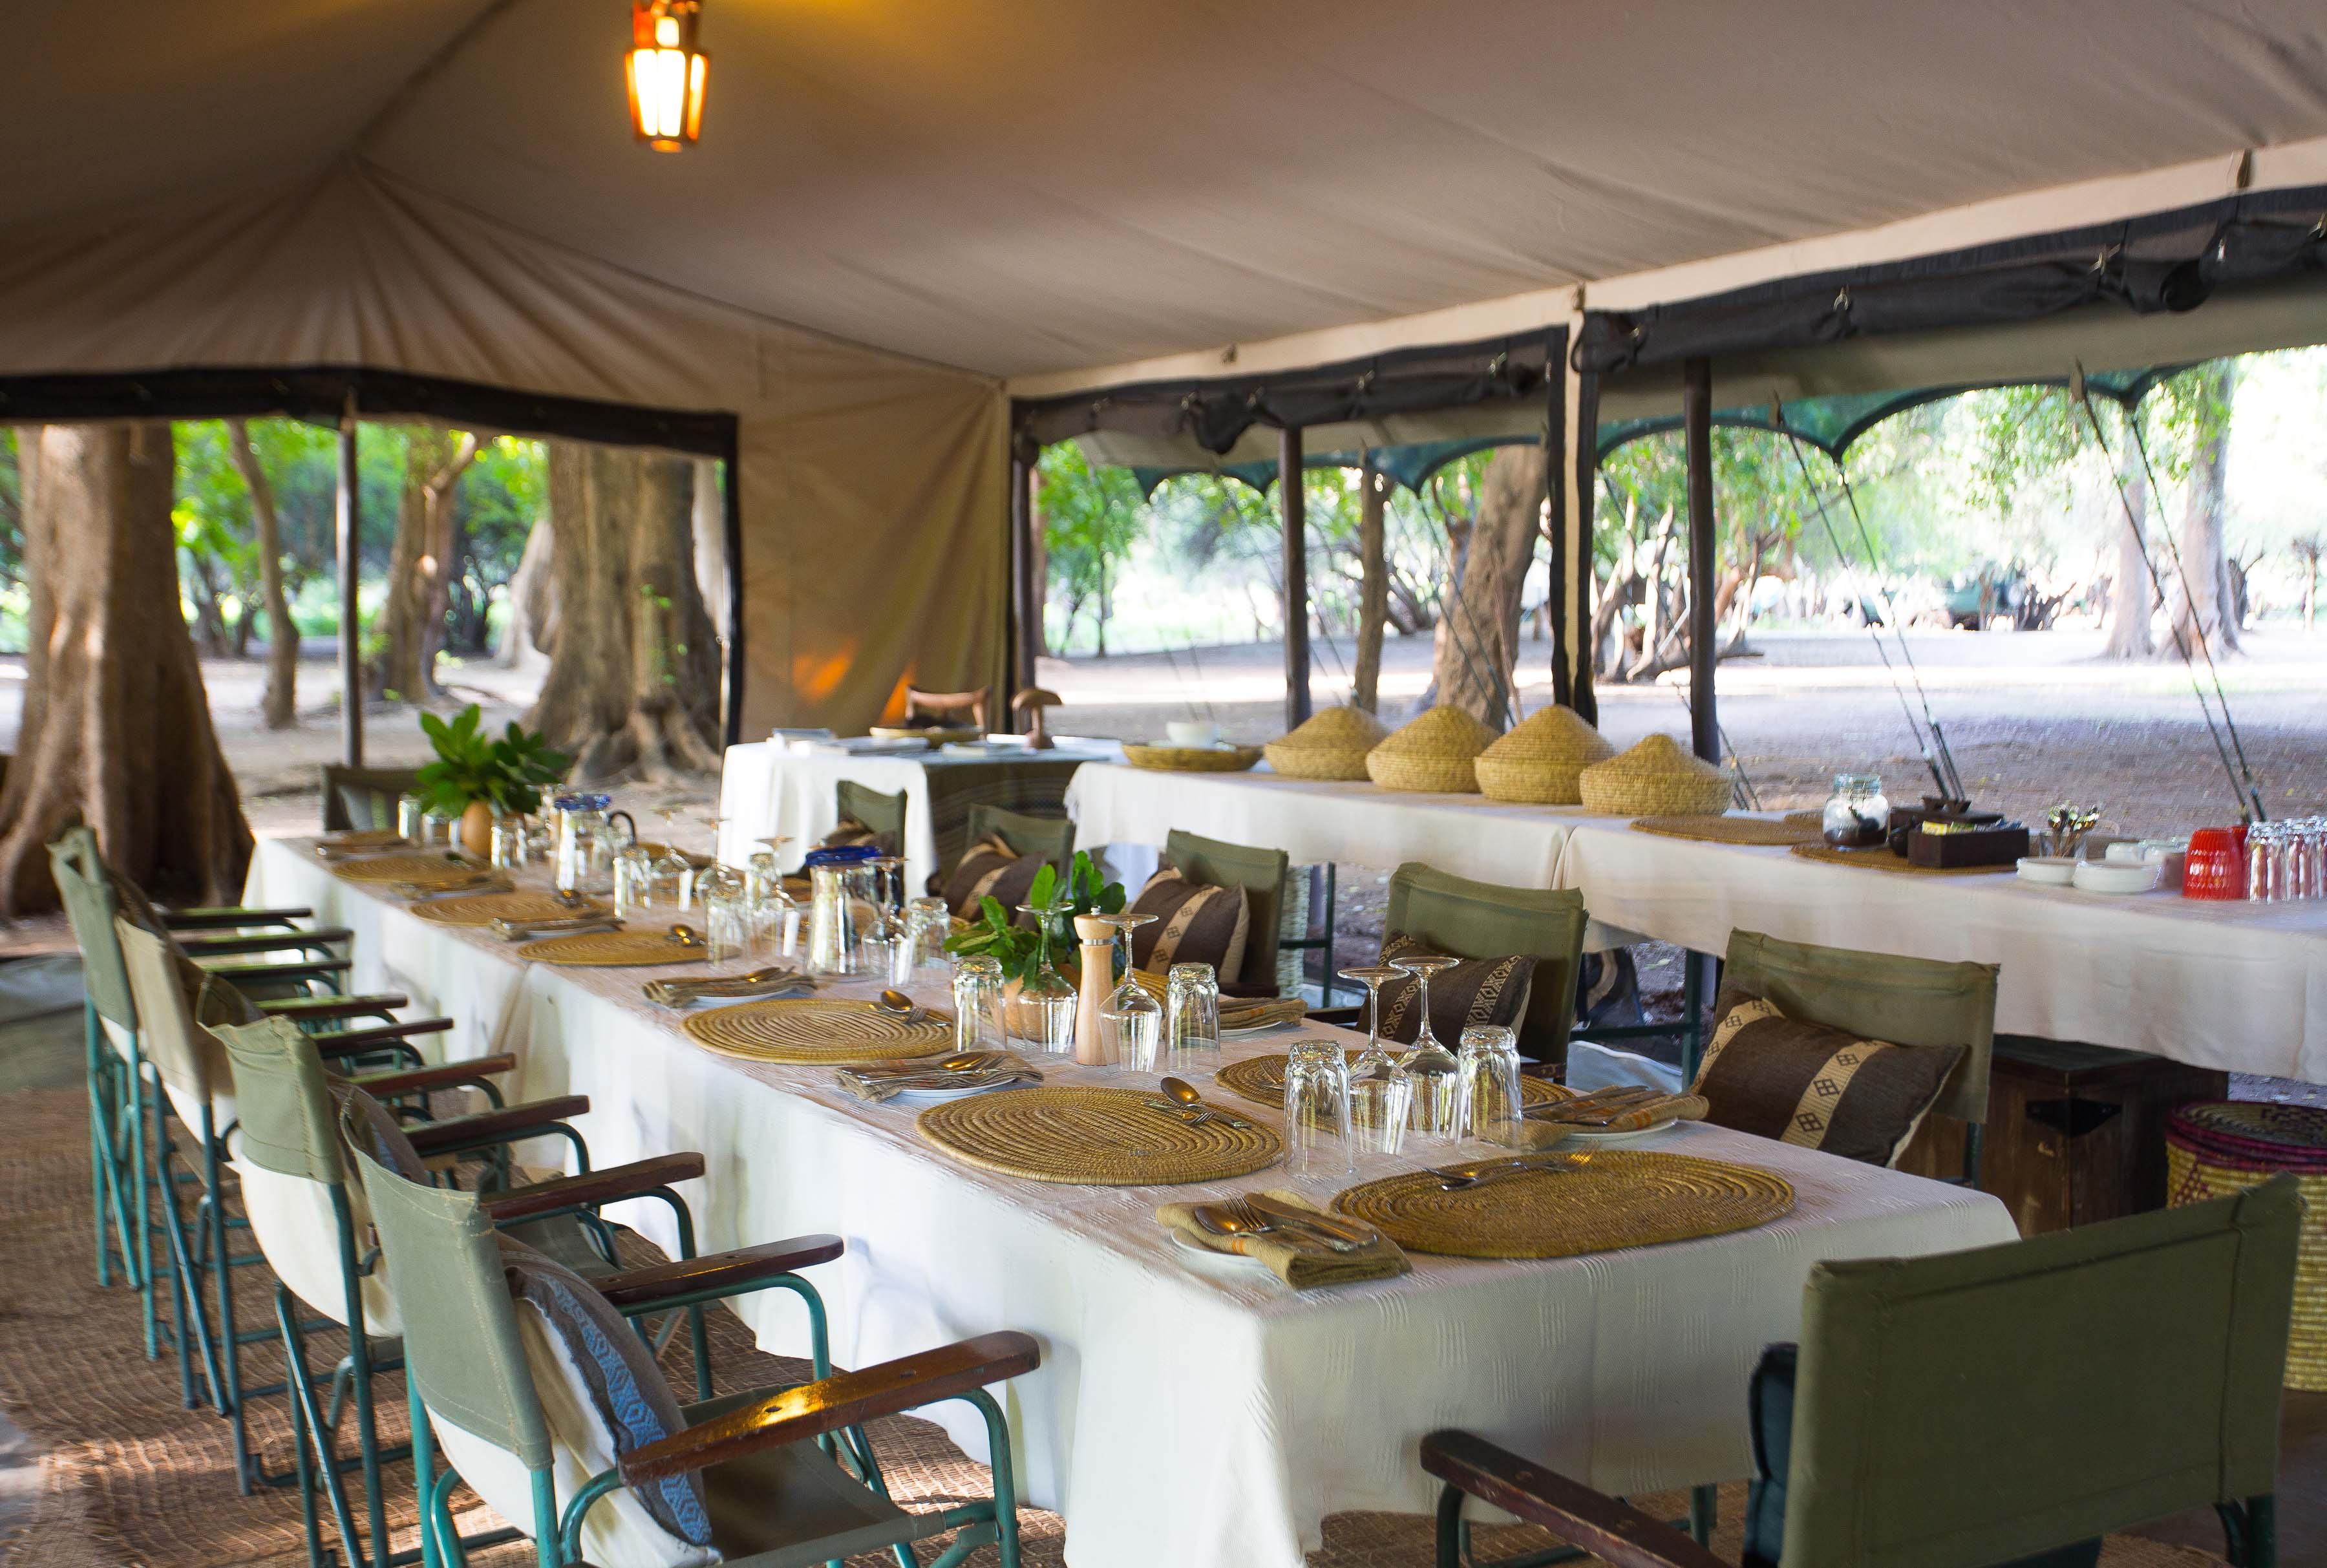 Lales Camp Dining Ethiopia